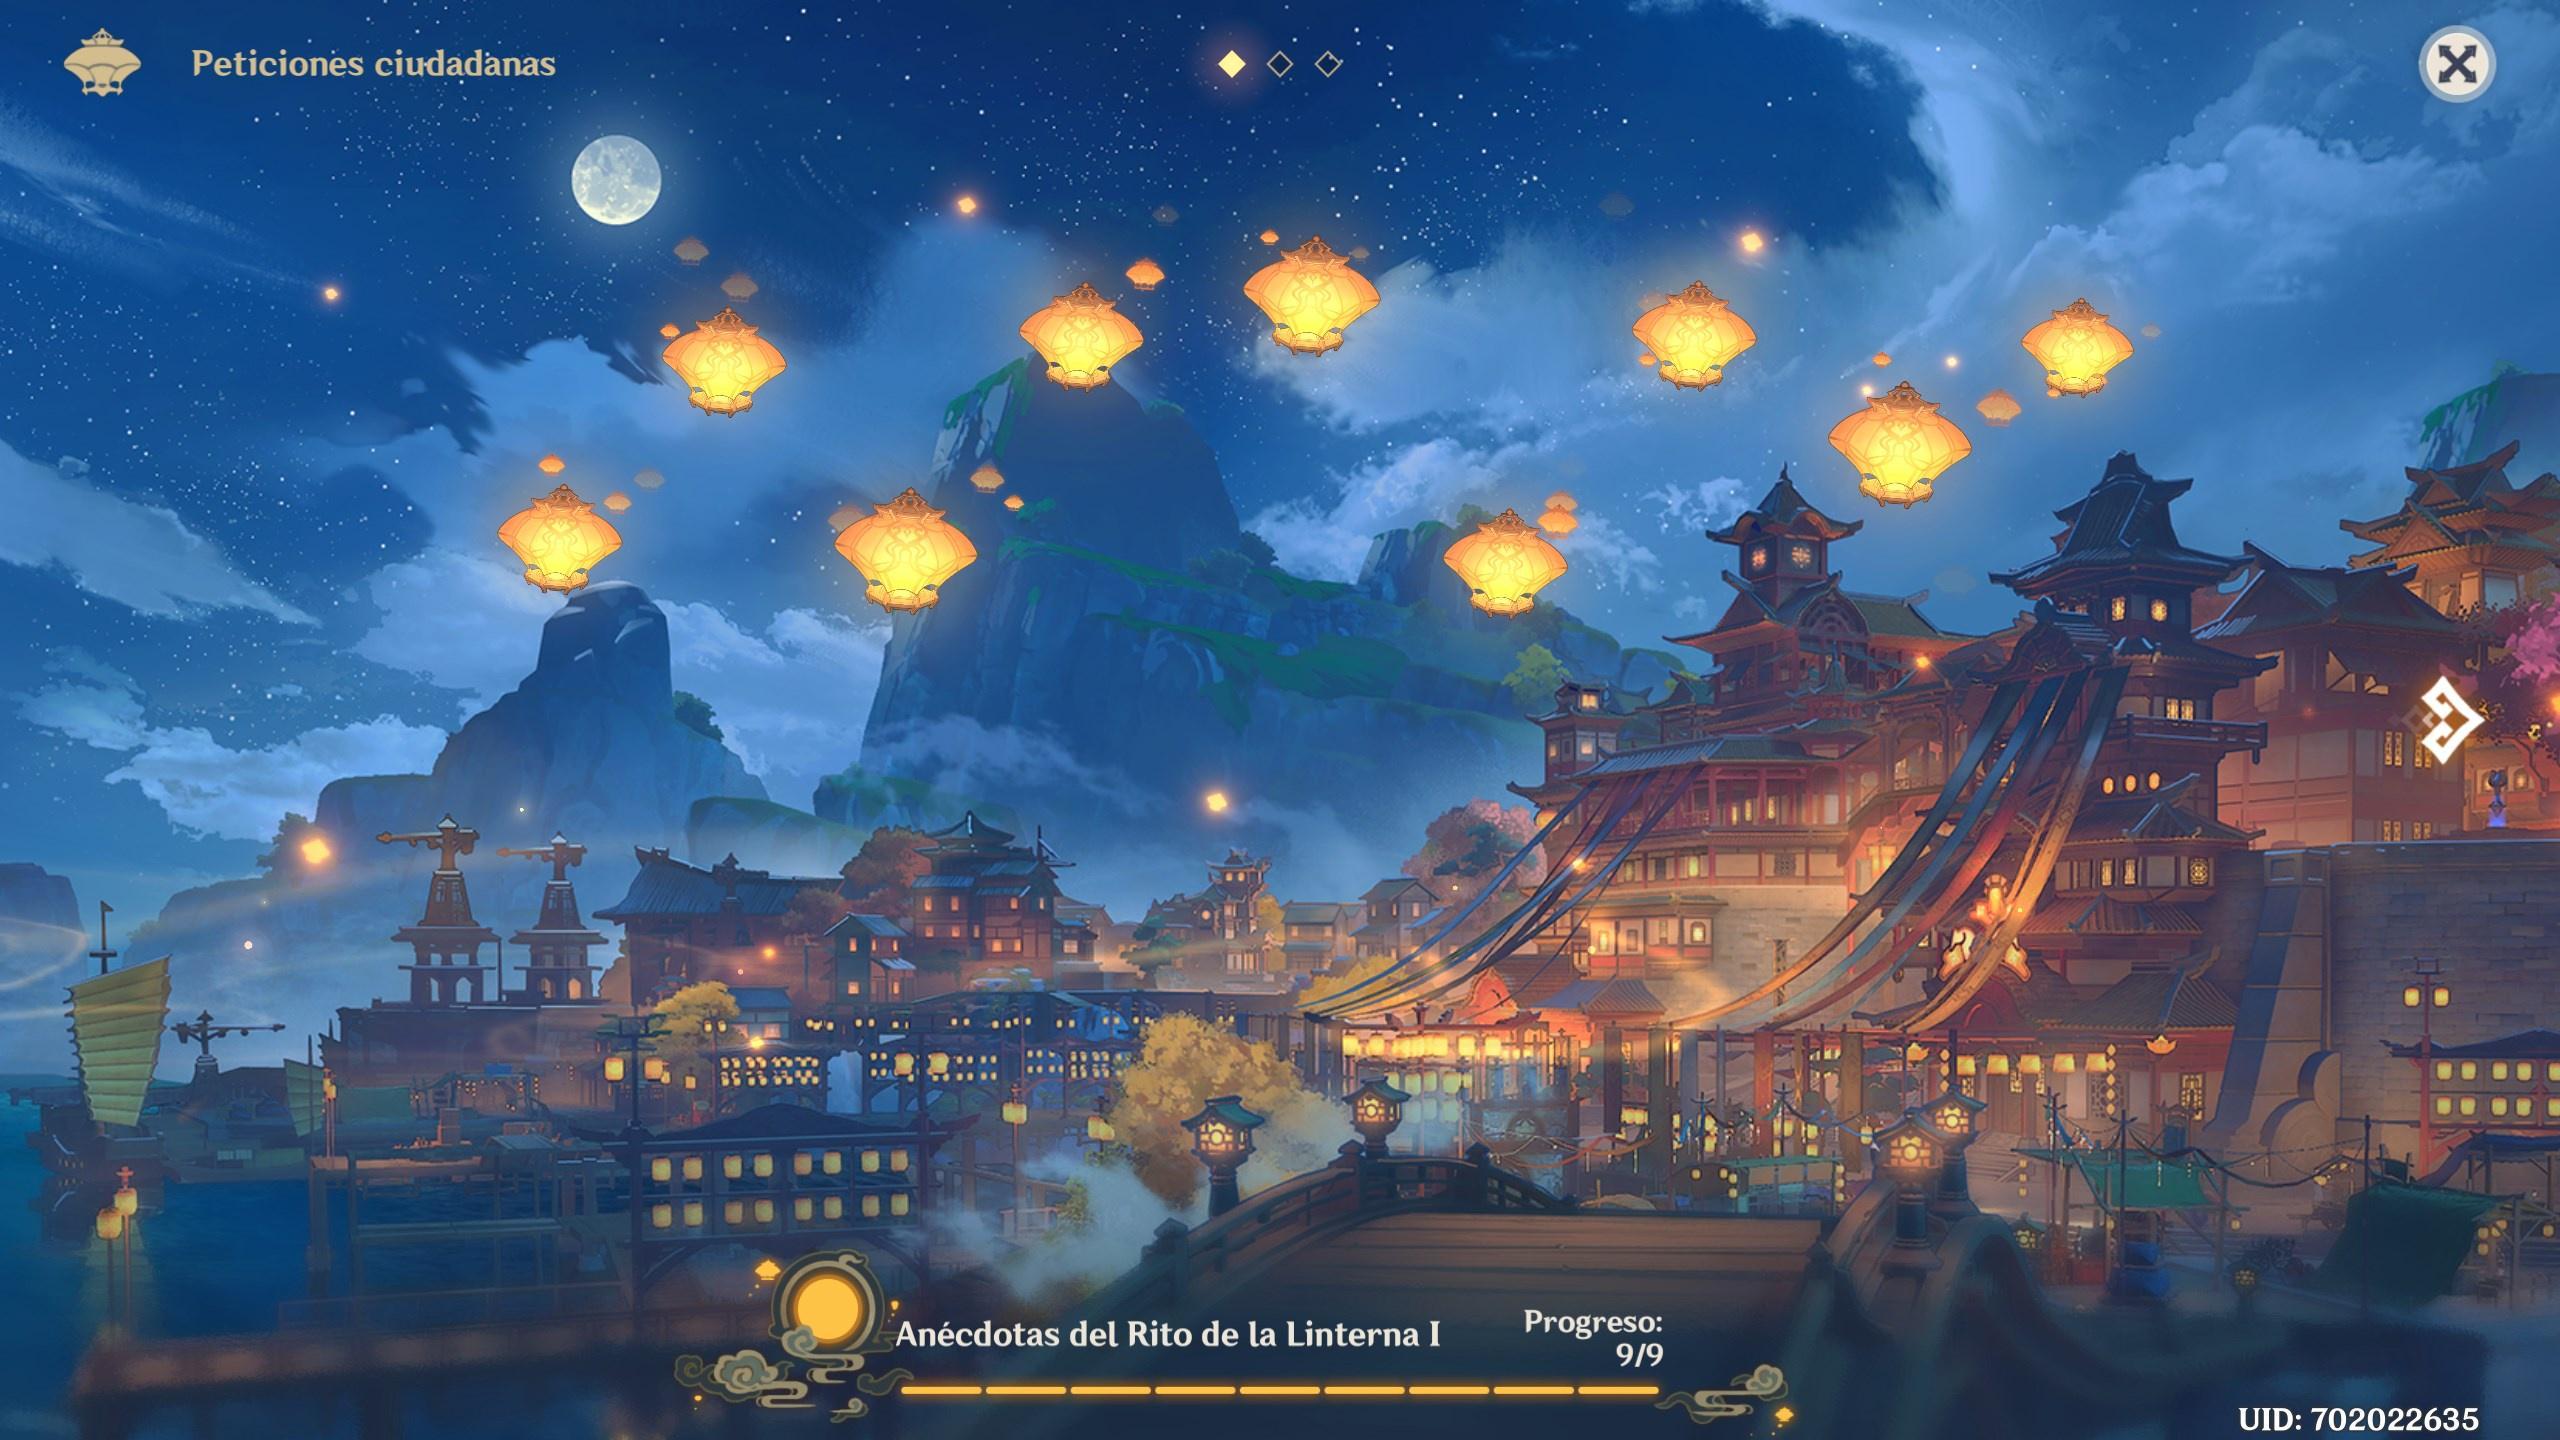 genshin impact evento rito de la linterna I anécdotas completadas